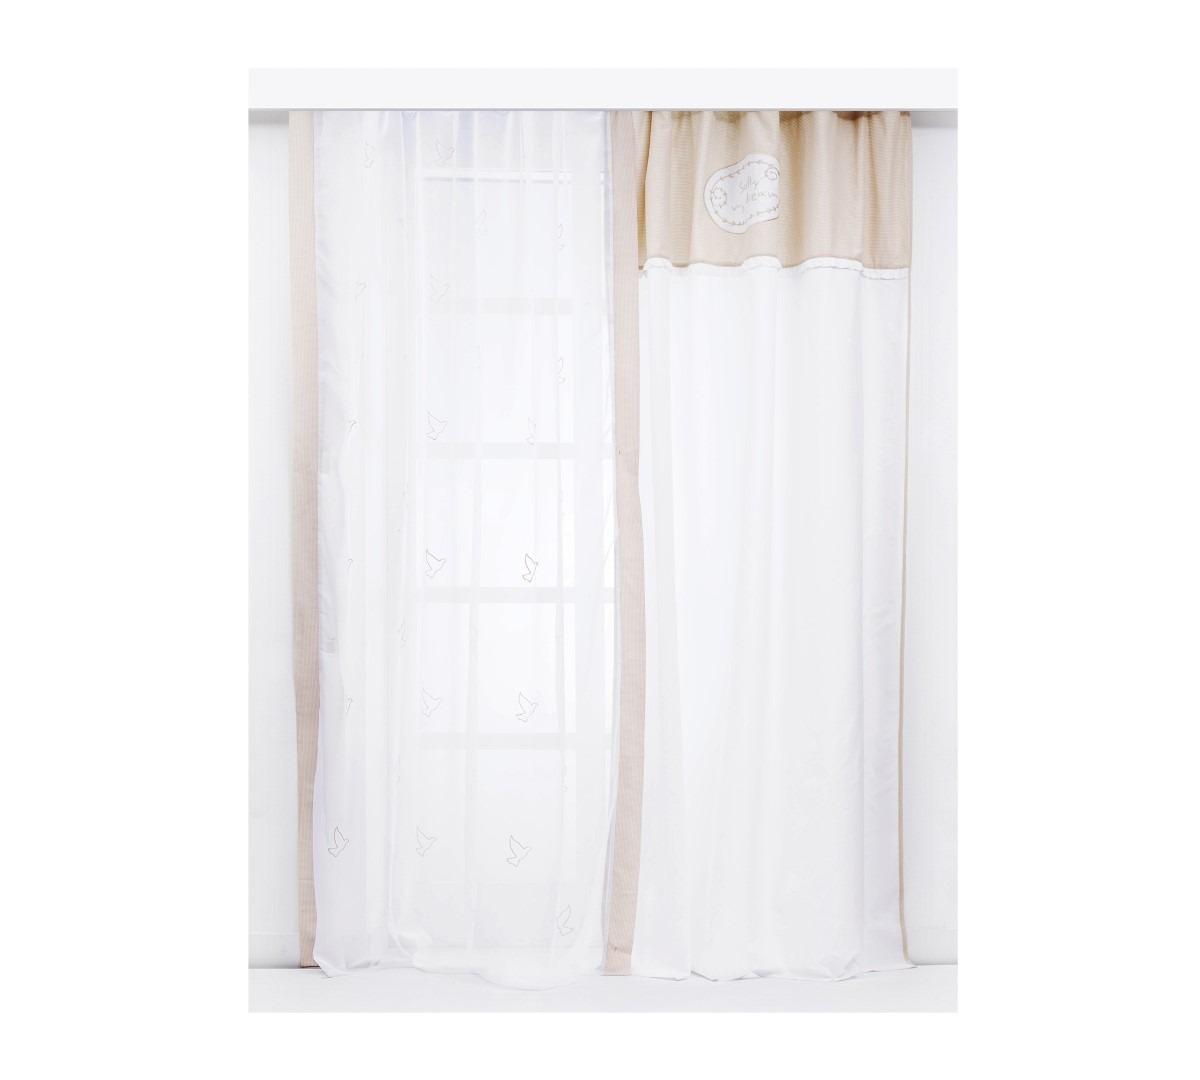 Softy-Curtain1